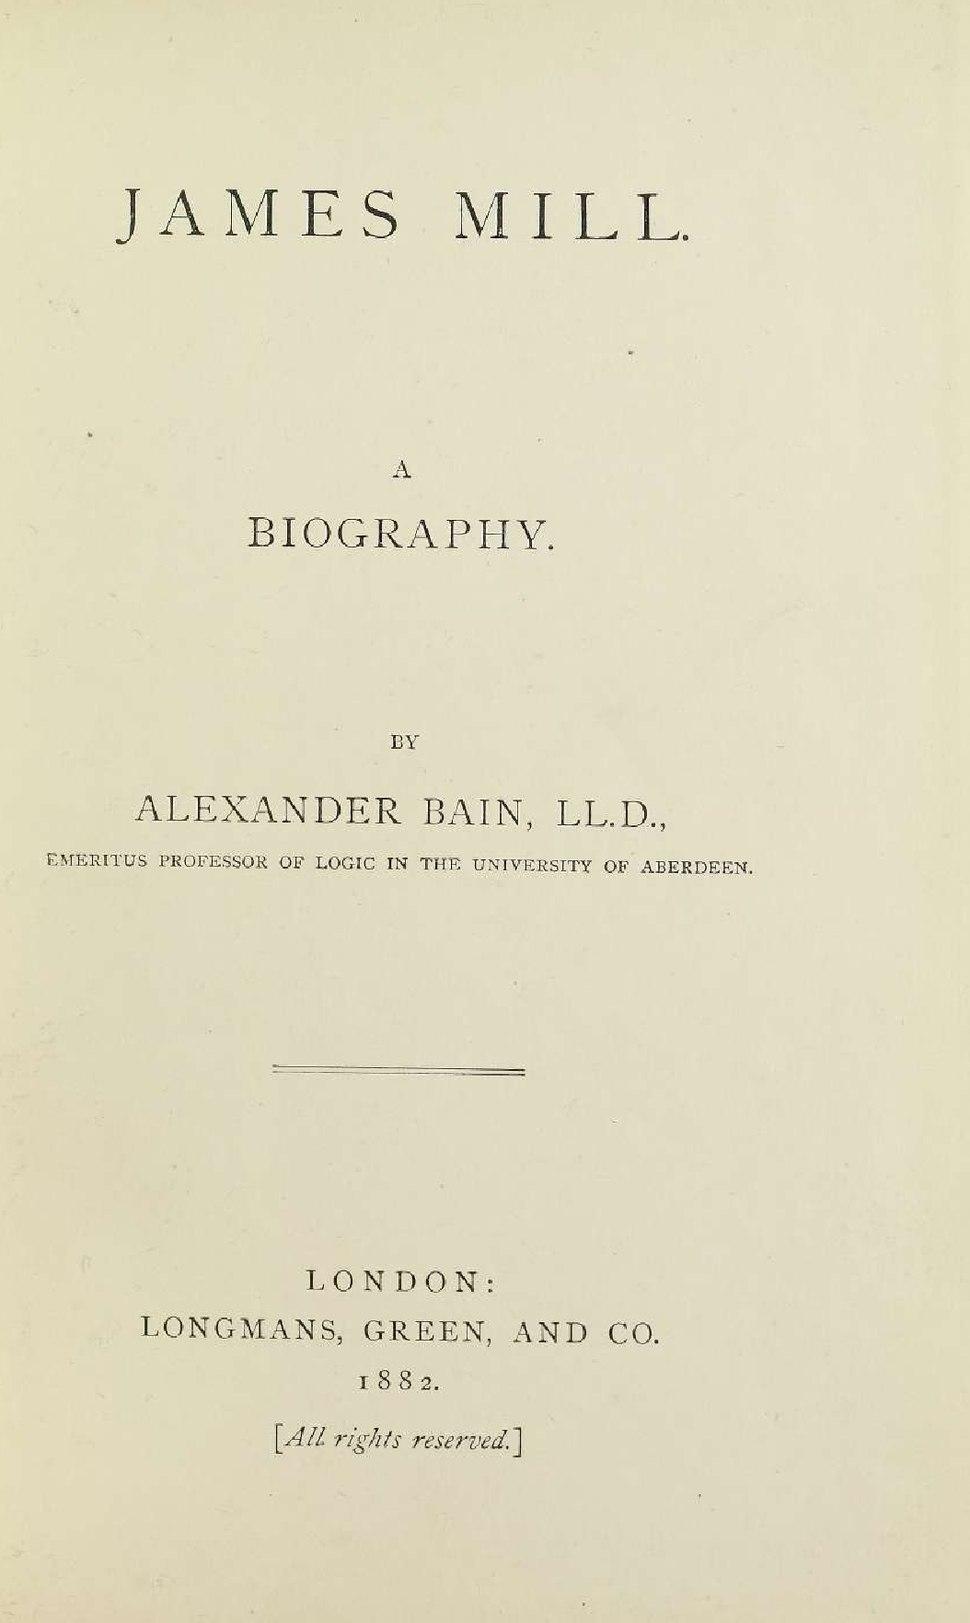 Bain - James Mill, 1882 - 5825460